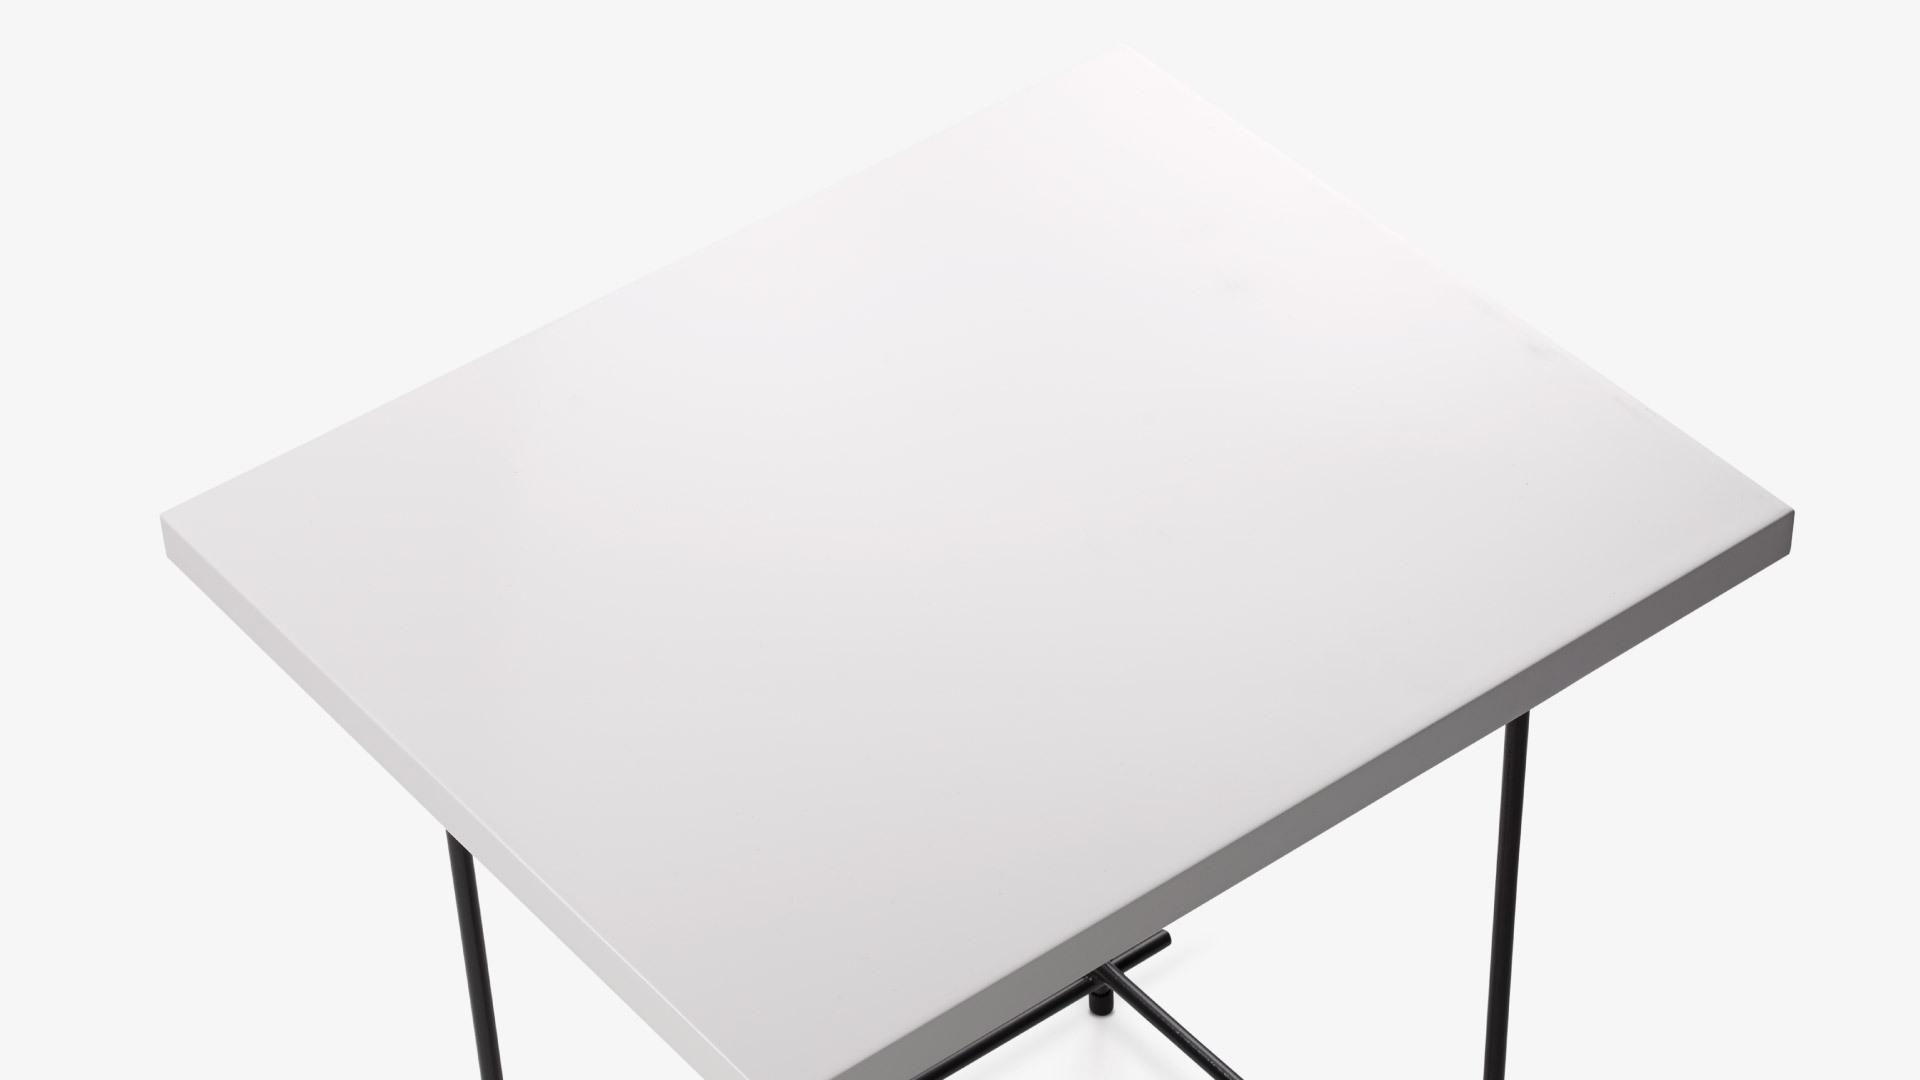 改良无味PU漆,柔亮优雅桌面